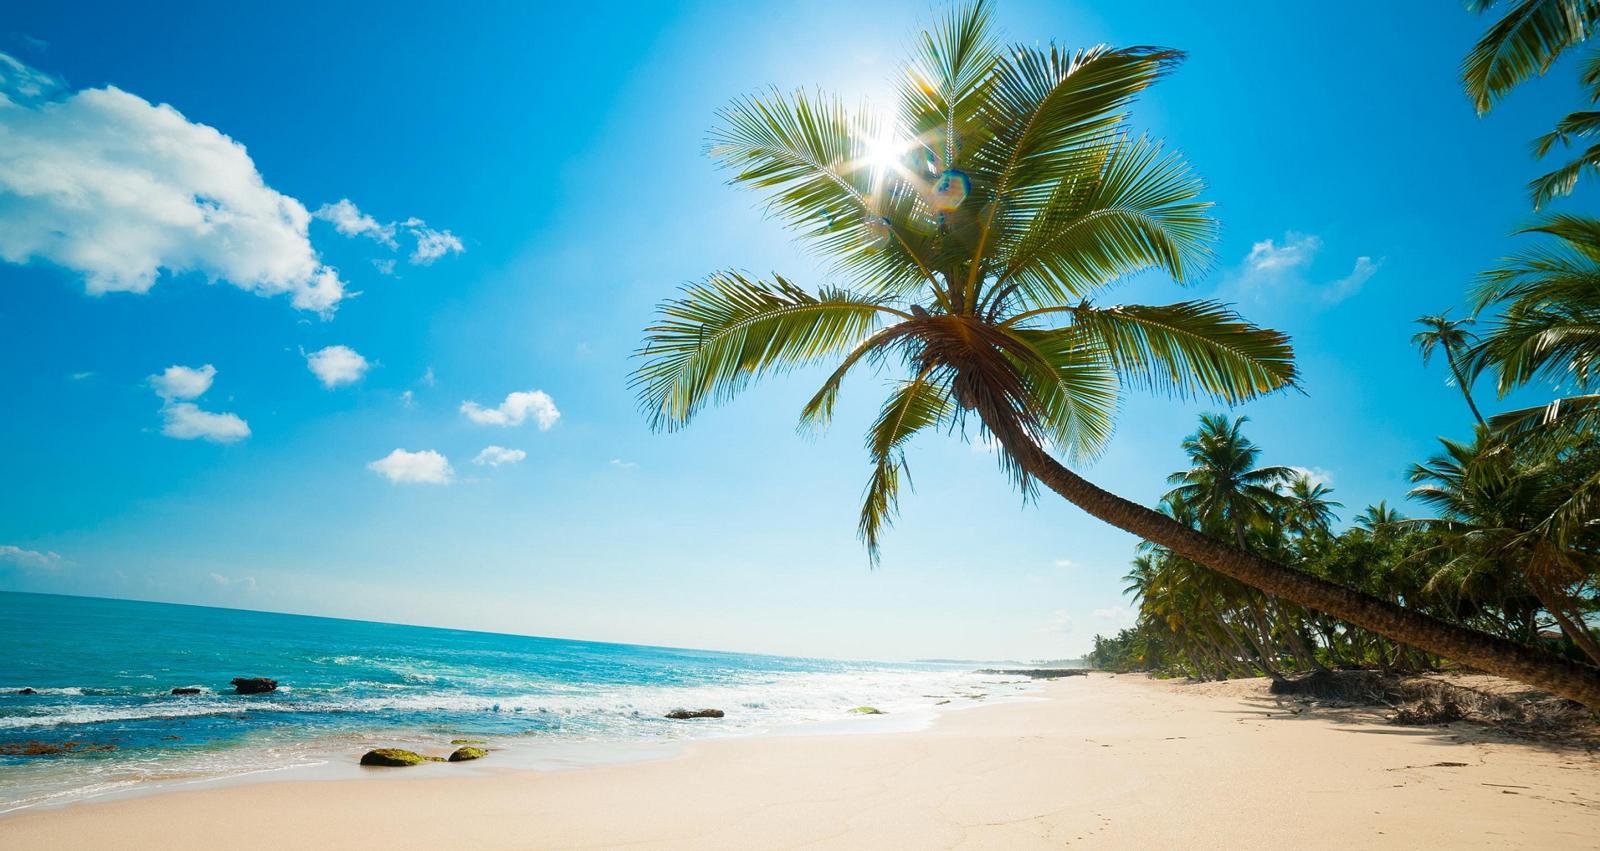 Tout ce que vous devez savoir à propos de l'exemption de Visa sur l'ile de Phu Quoc